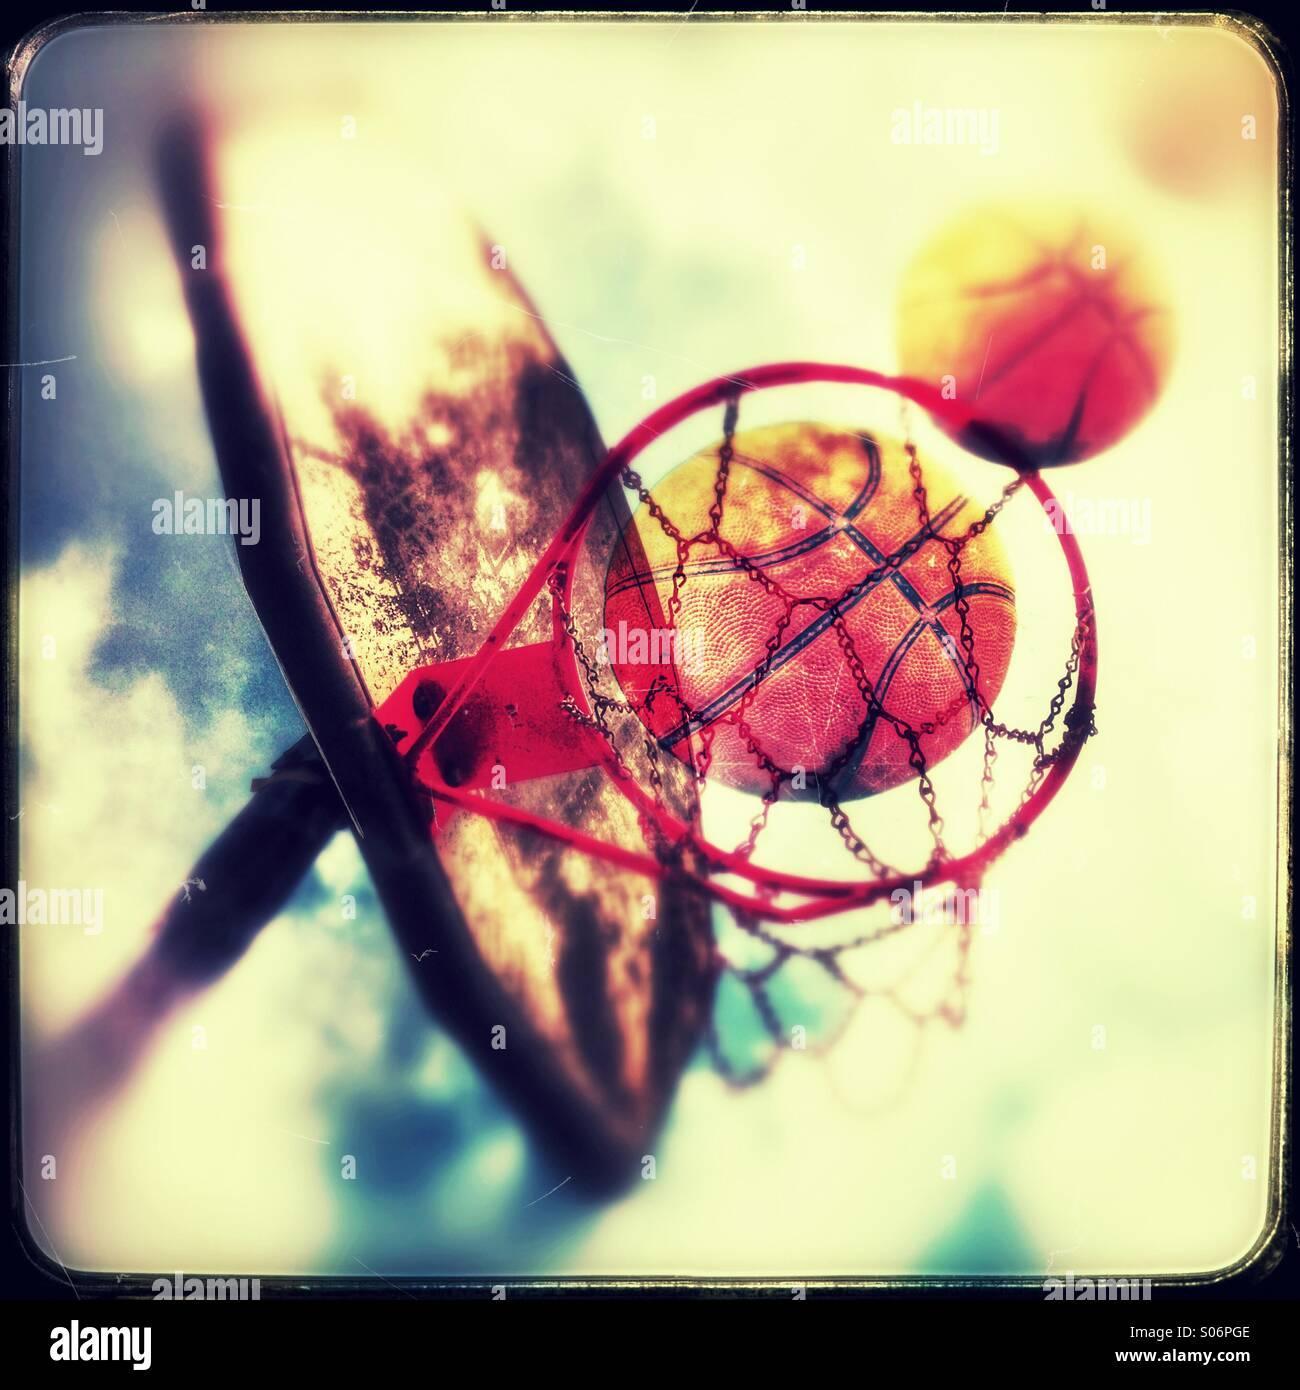 Realizar el disparo en el baloncesto Imagen De Stock